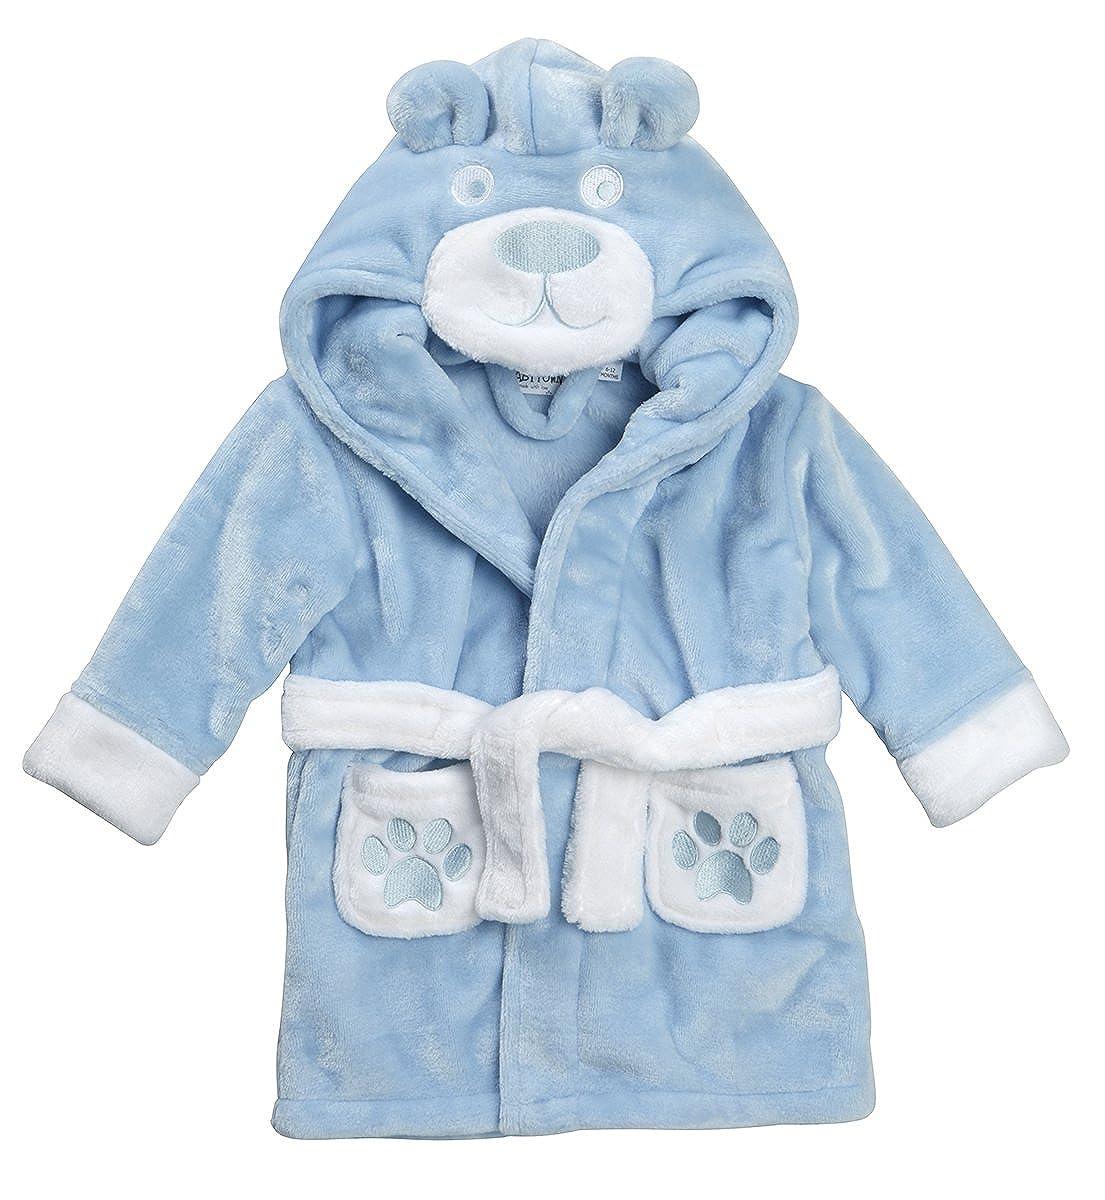 Bebé Niños Suave Oso De Peluche–Robe BabyTown